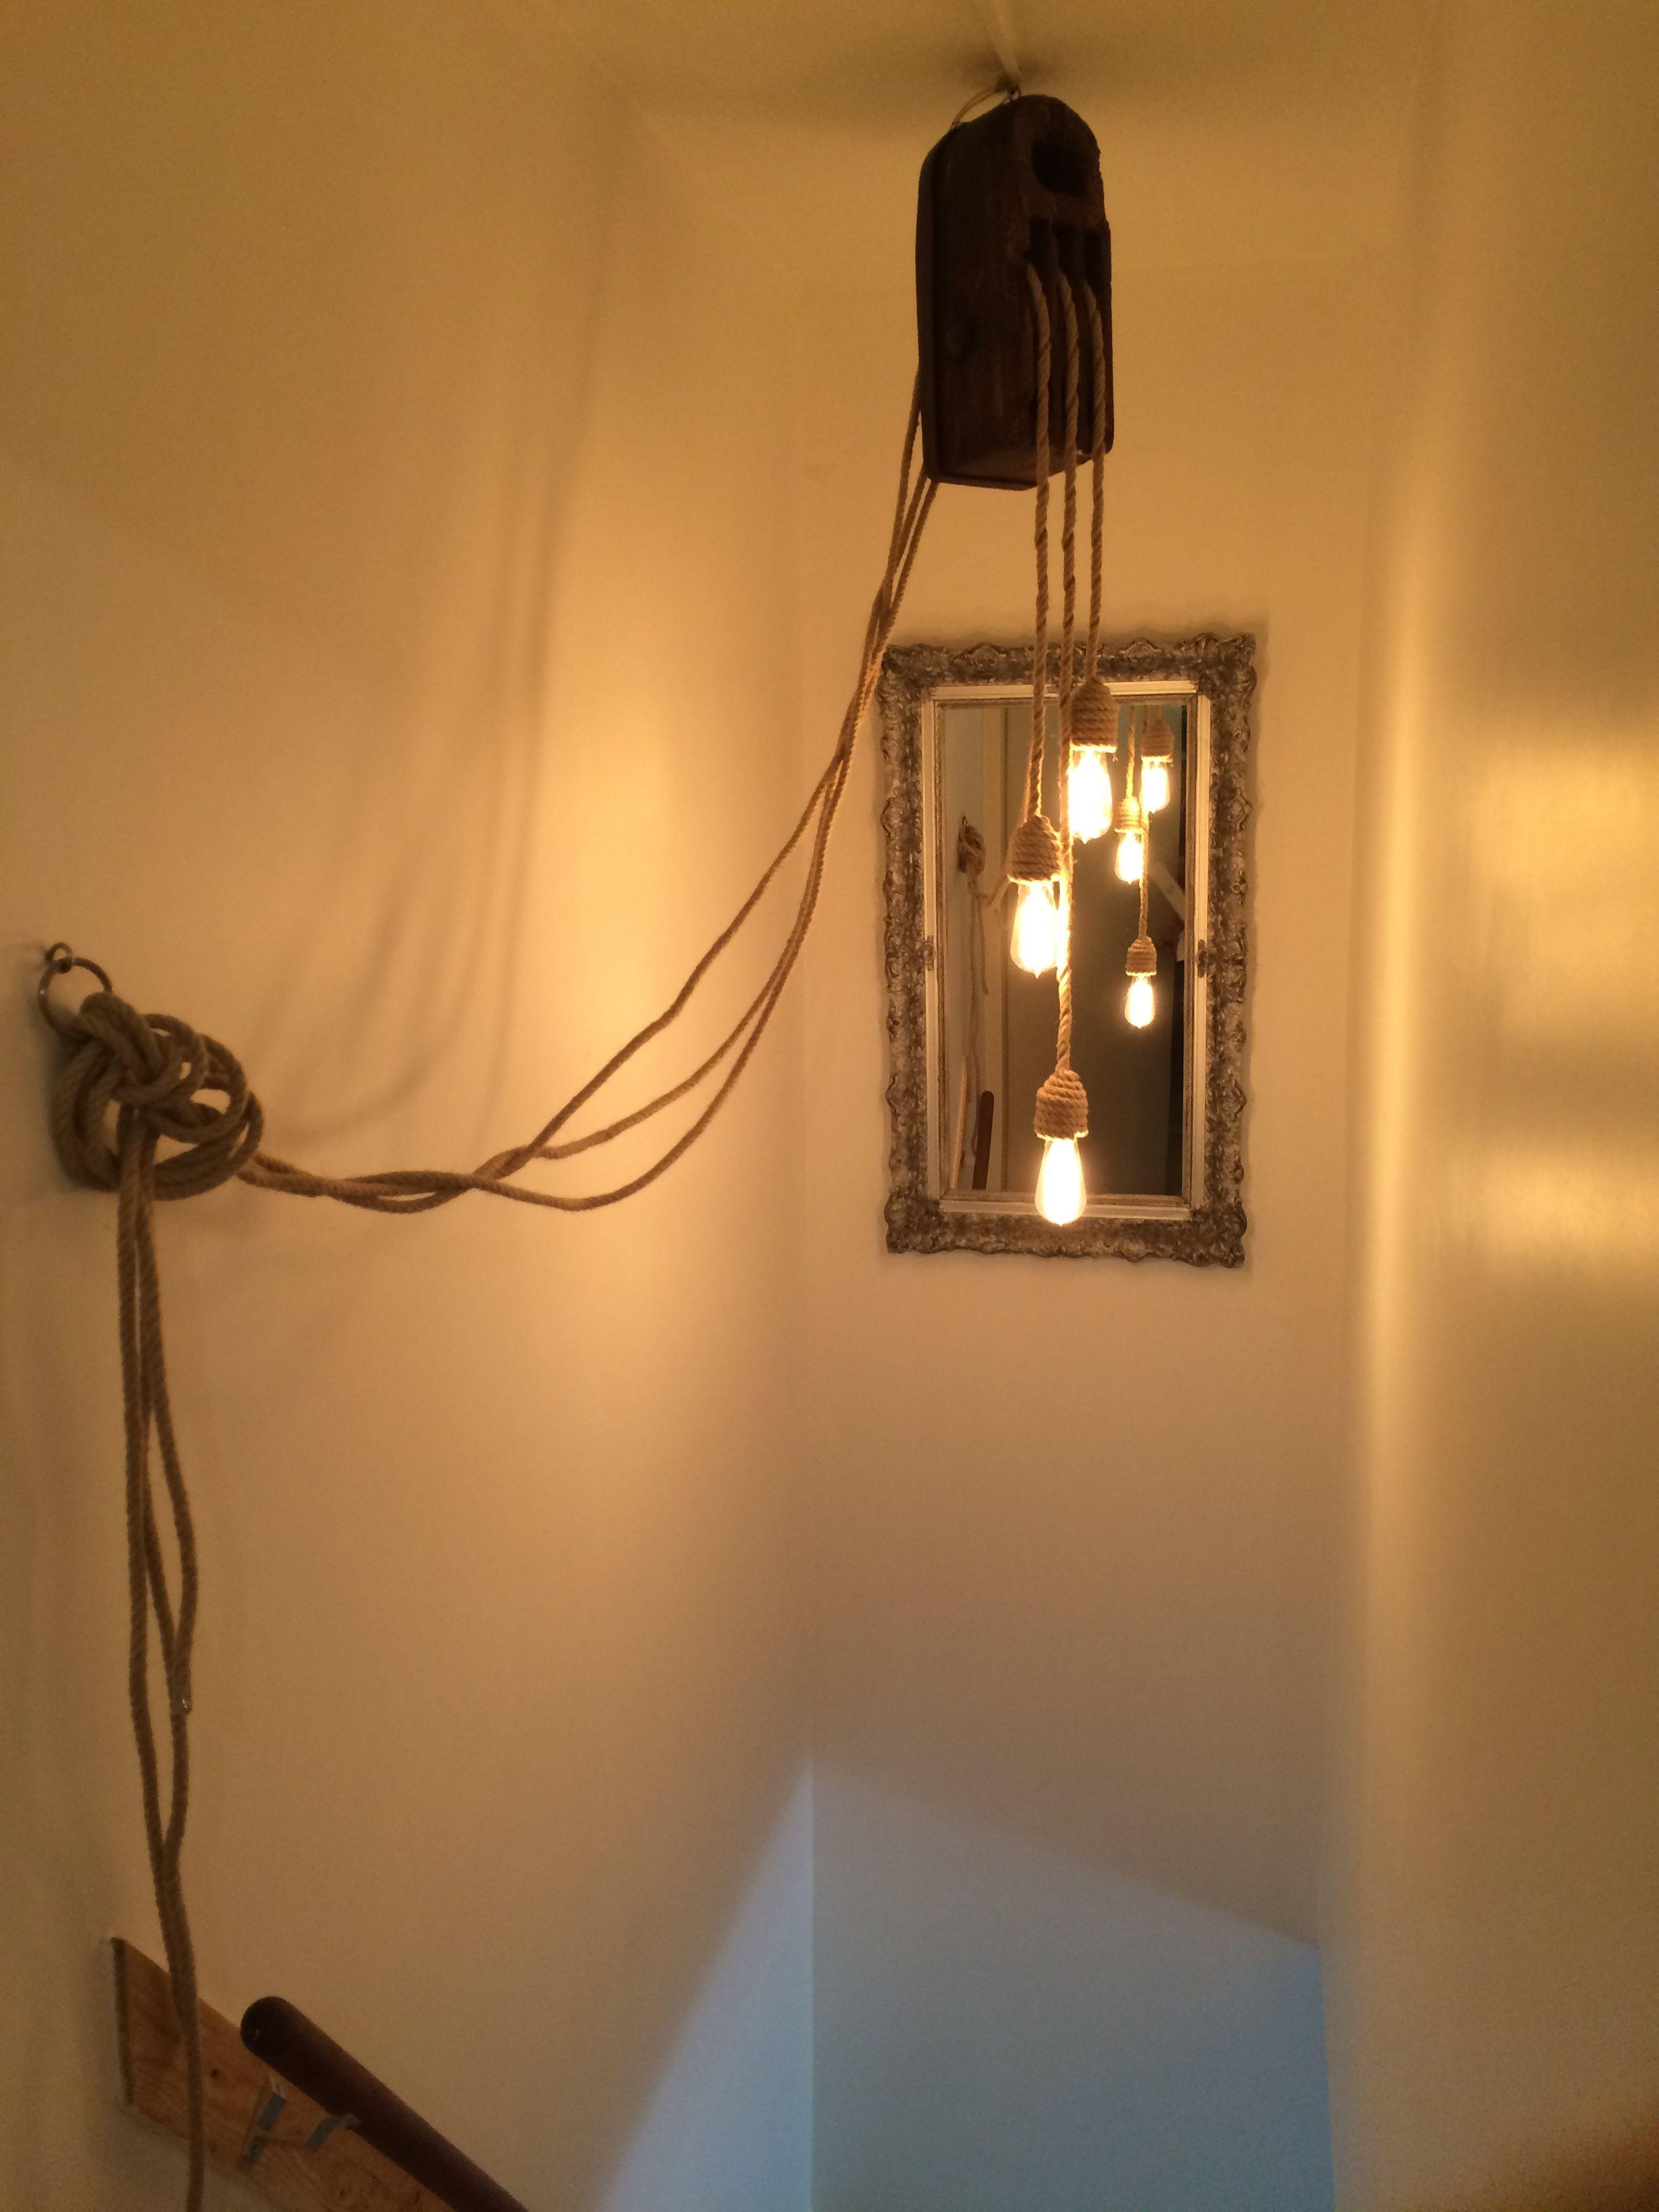 Lamp Gemaakt Van Oude Scheeps Katrol Met Touw En Edison Lampen Lampen Verlichting Muur